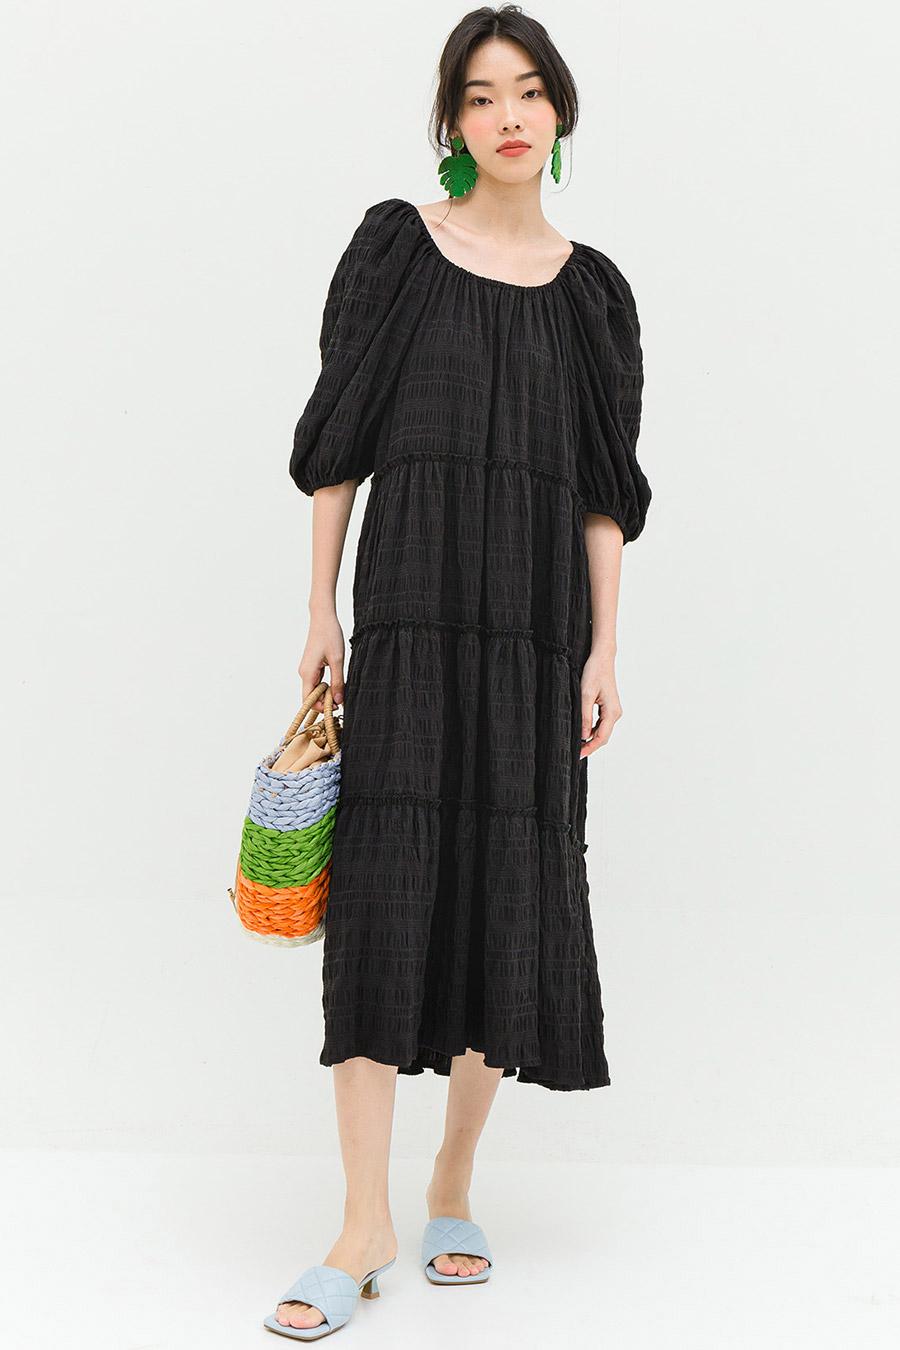 BALLIEU DRESS - NOIR